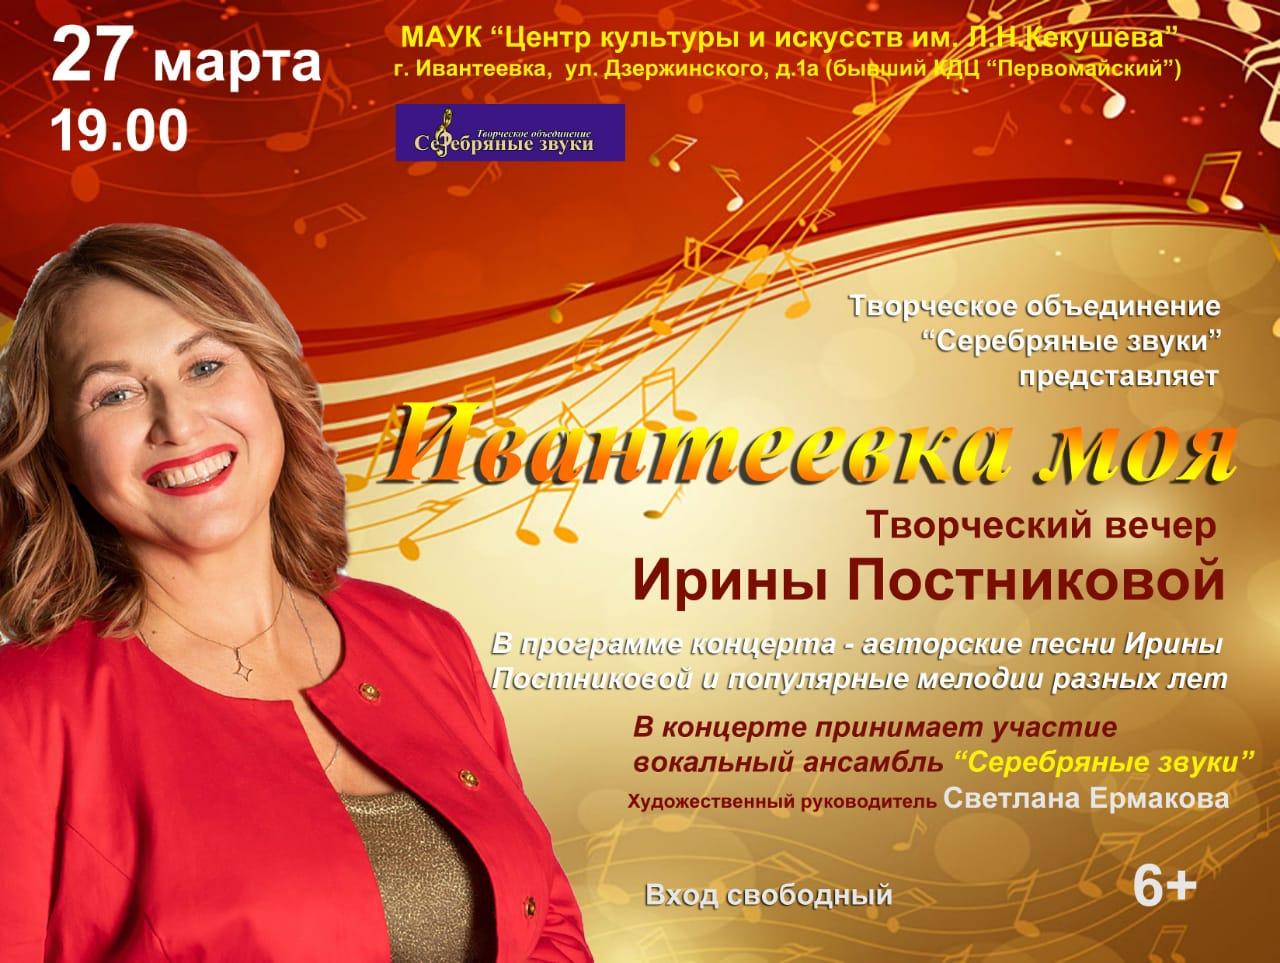 Афиша 27 марта Концерт Постниковой